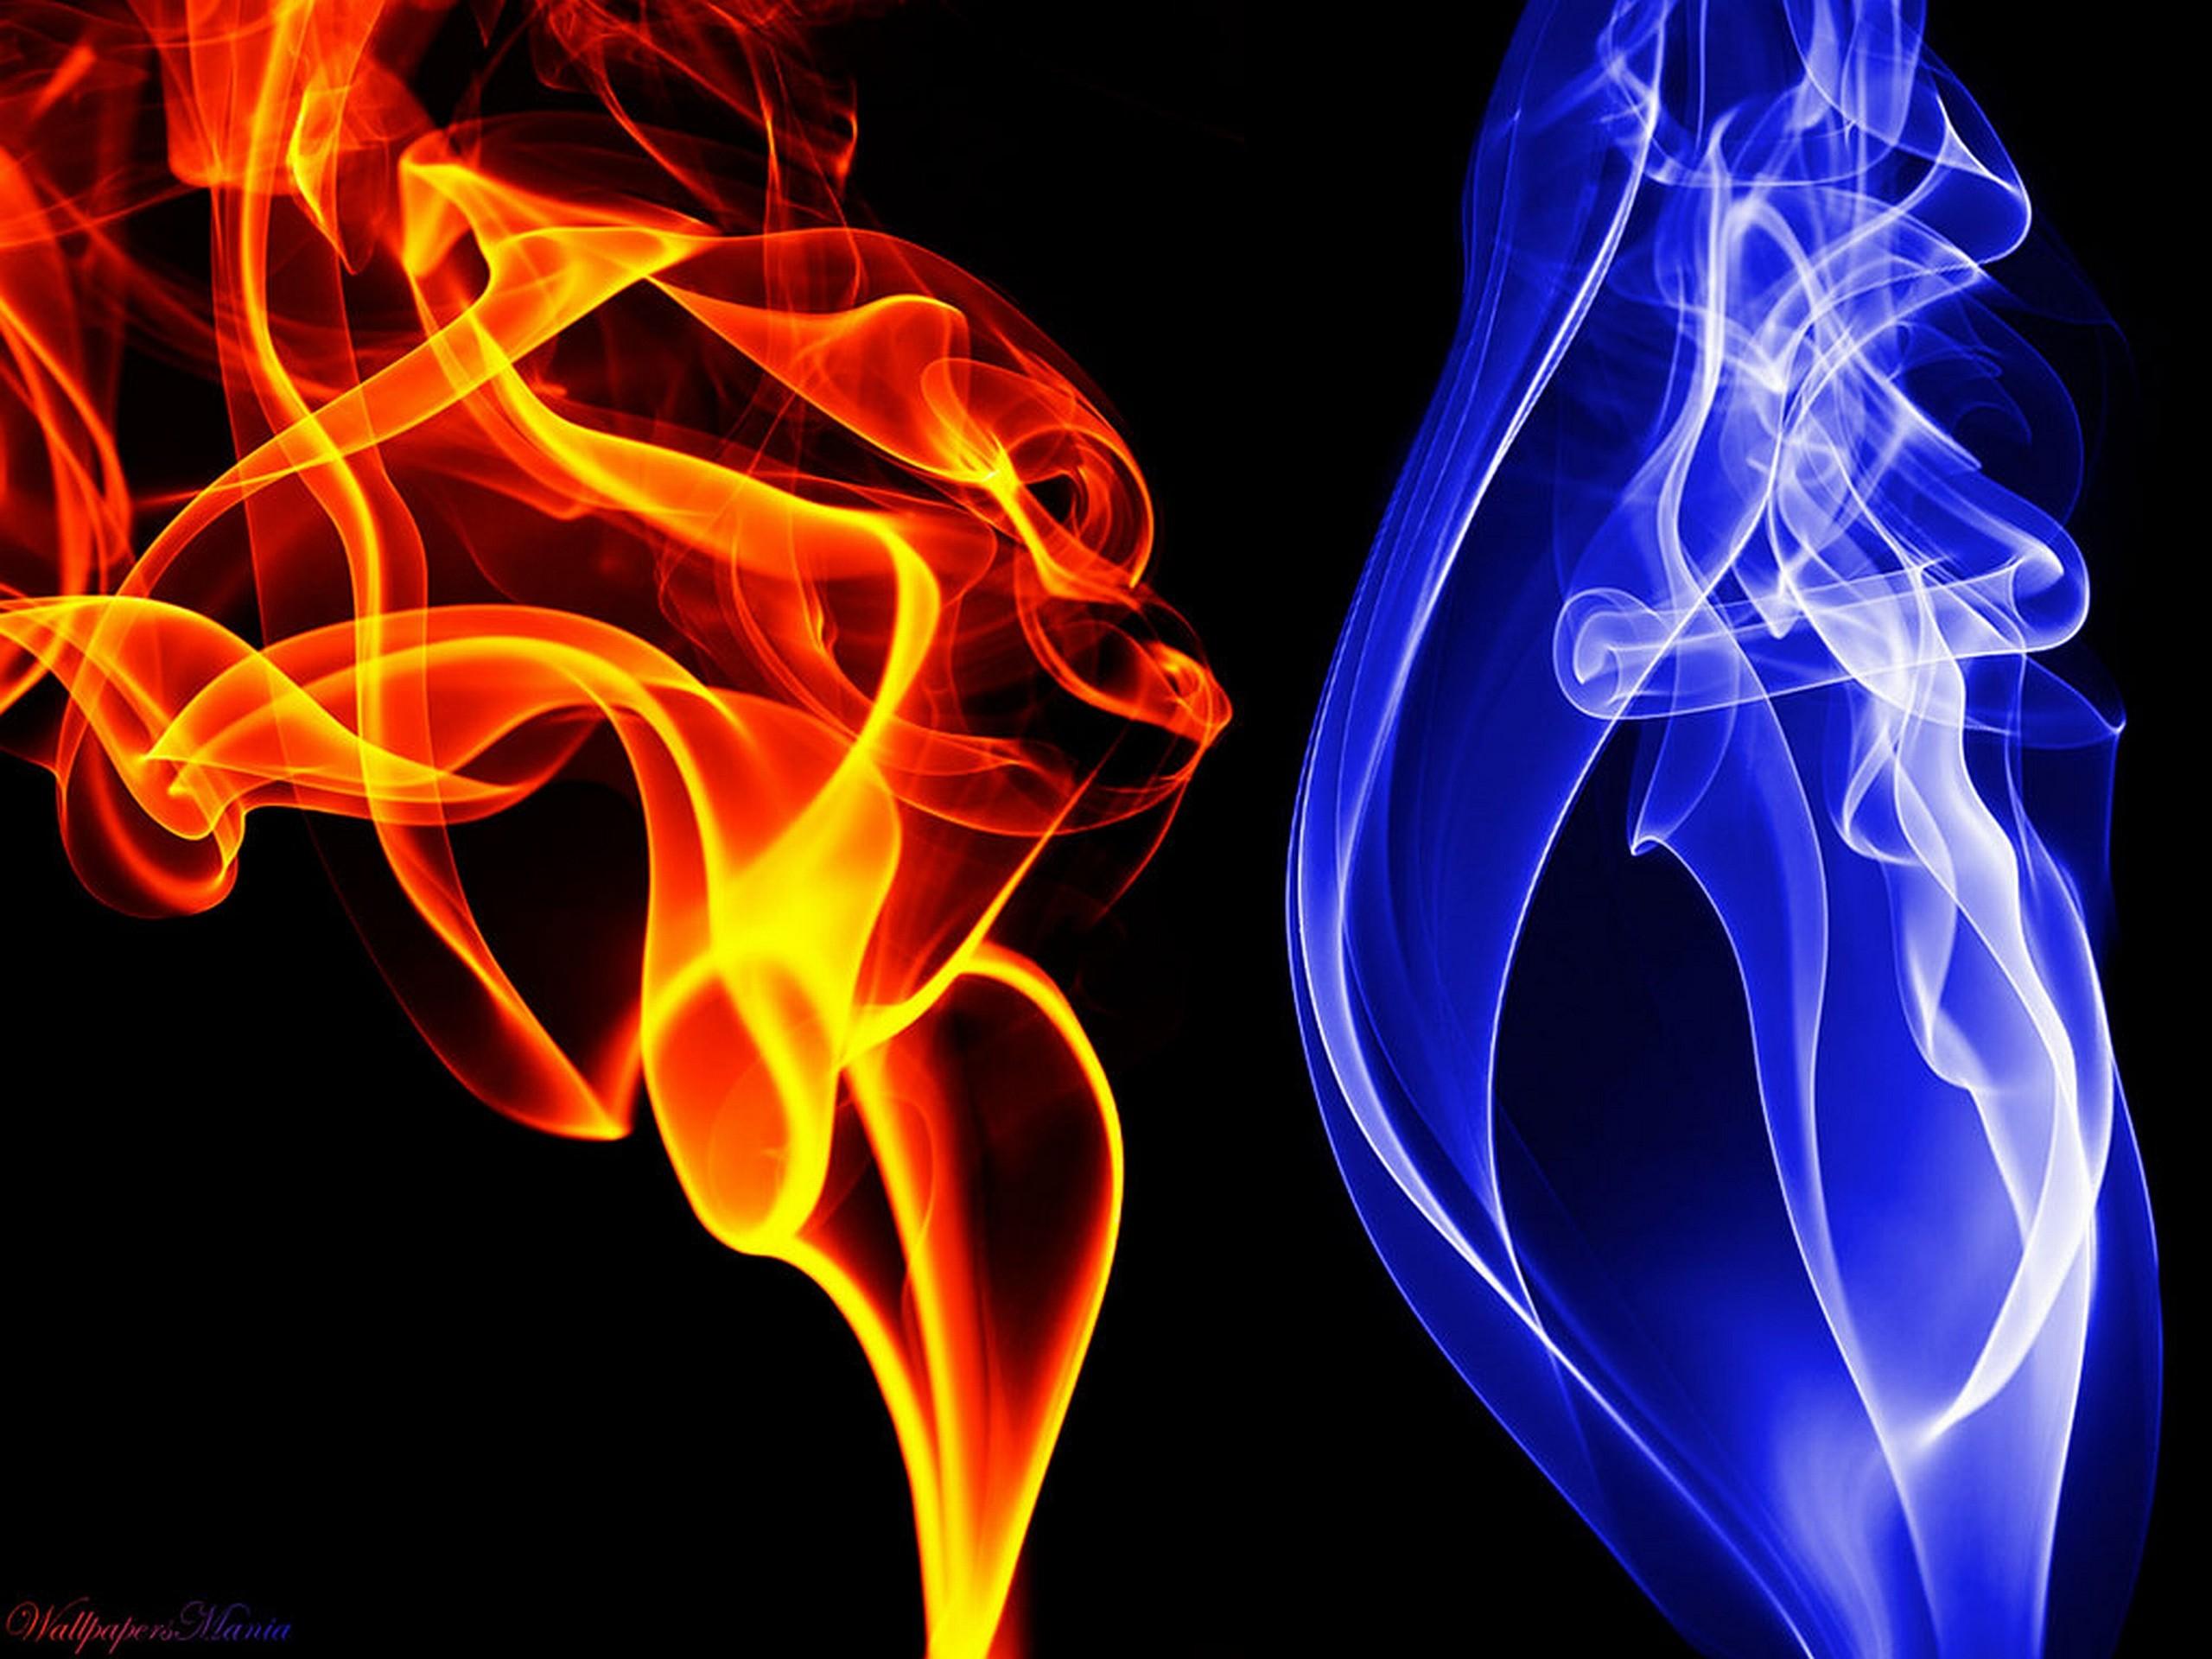 Sfondi Illustrazione Fumo Fuoco Fiamme Blu Fiamma Font